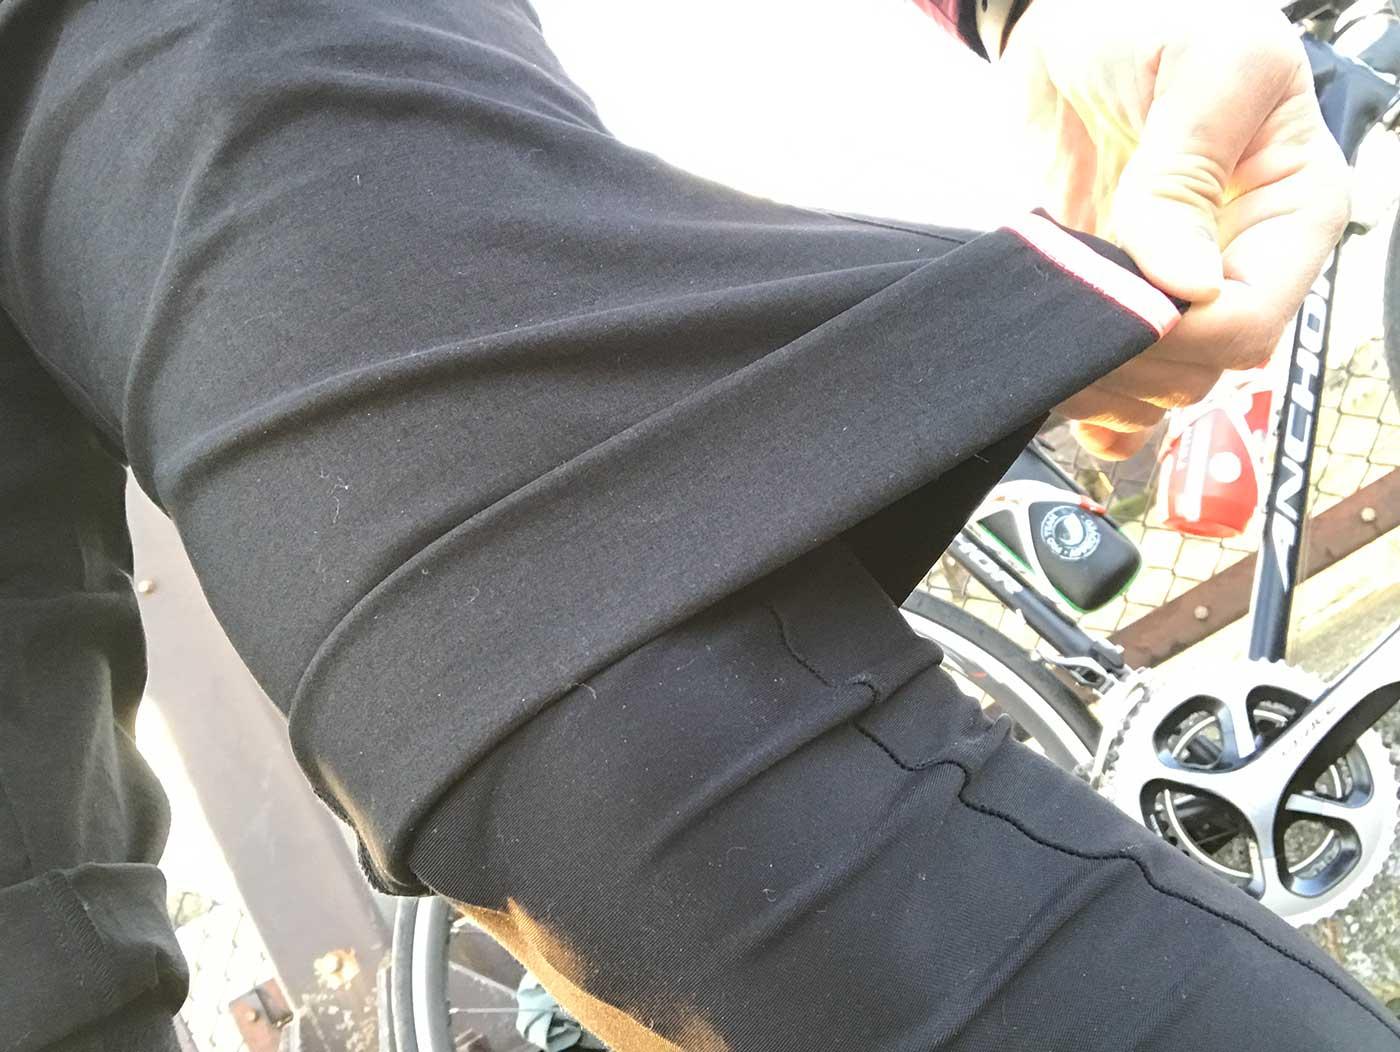 ラファの短パン「Randonnee Shorts」のストレッチ性